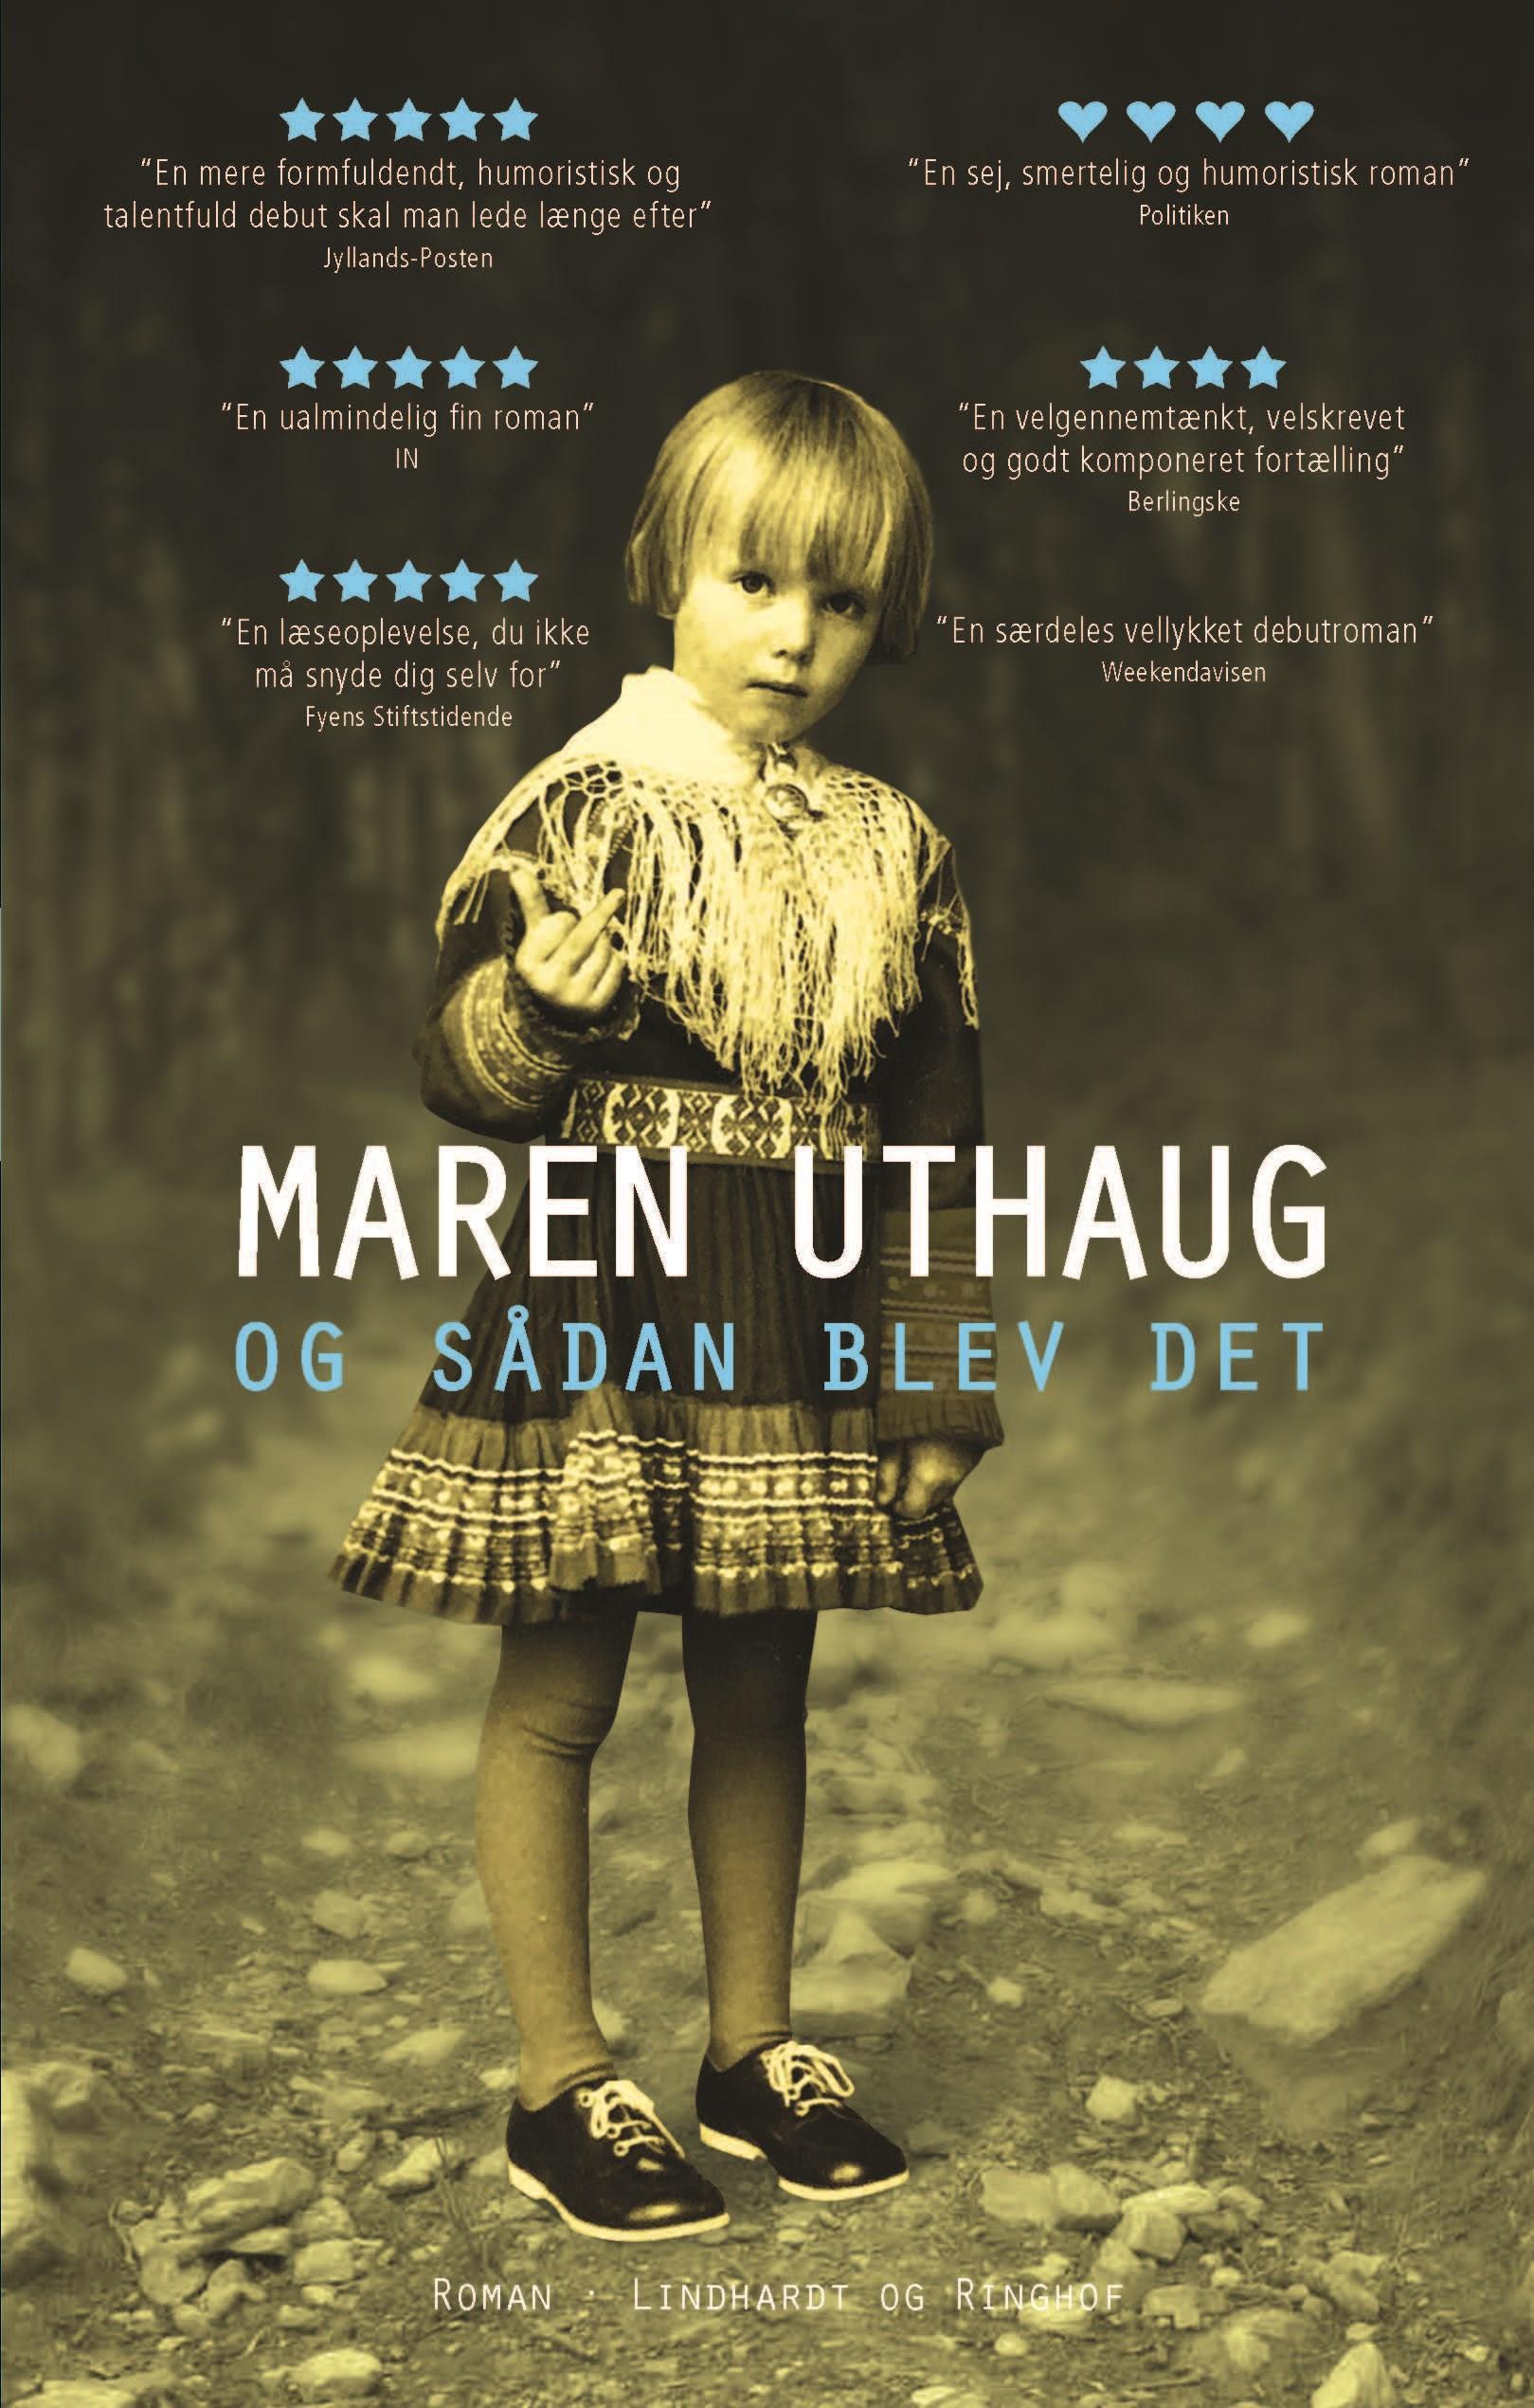 Og sådan blev det - Maren Uthaug - Bøger - Lindhardt og Ringhof - 9788711918494 - September 9, 2019